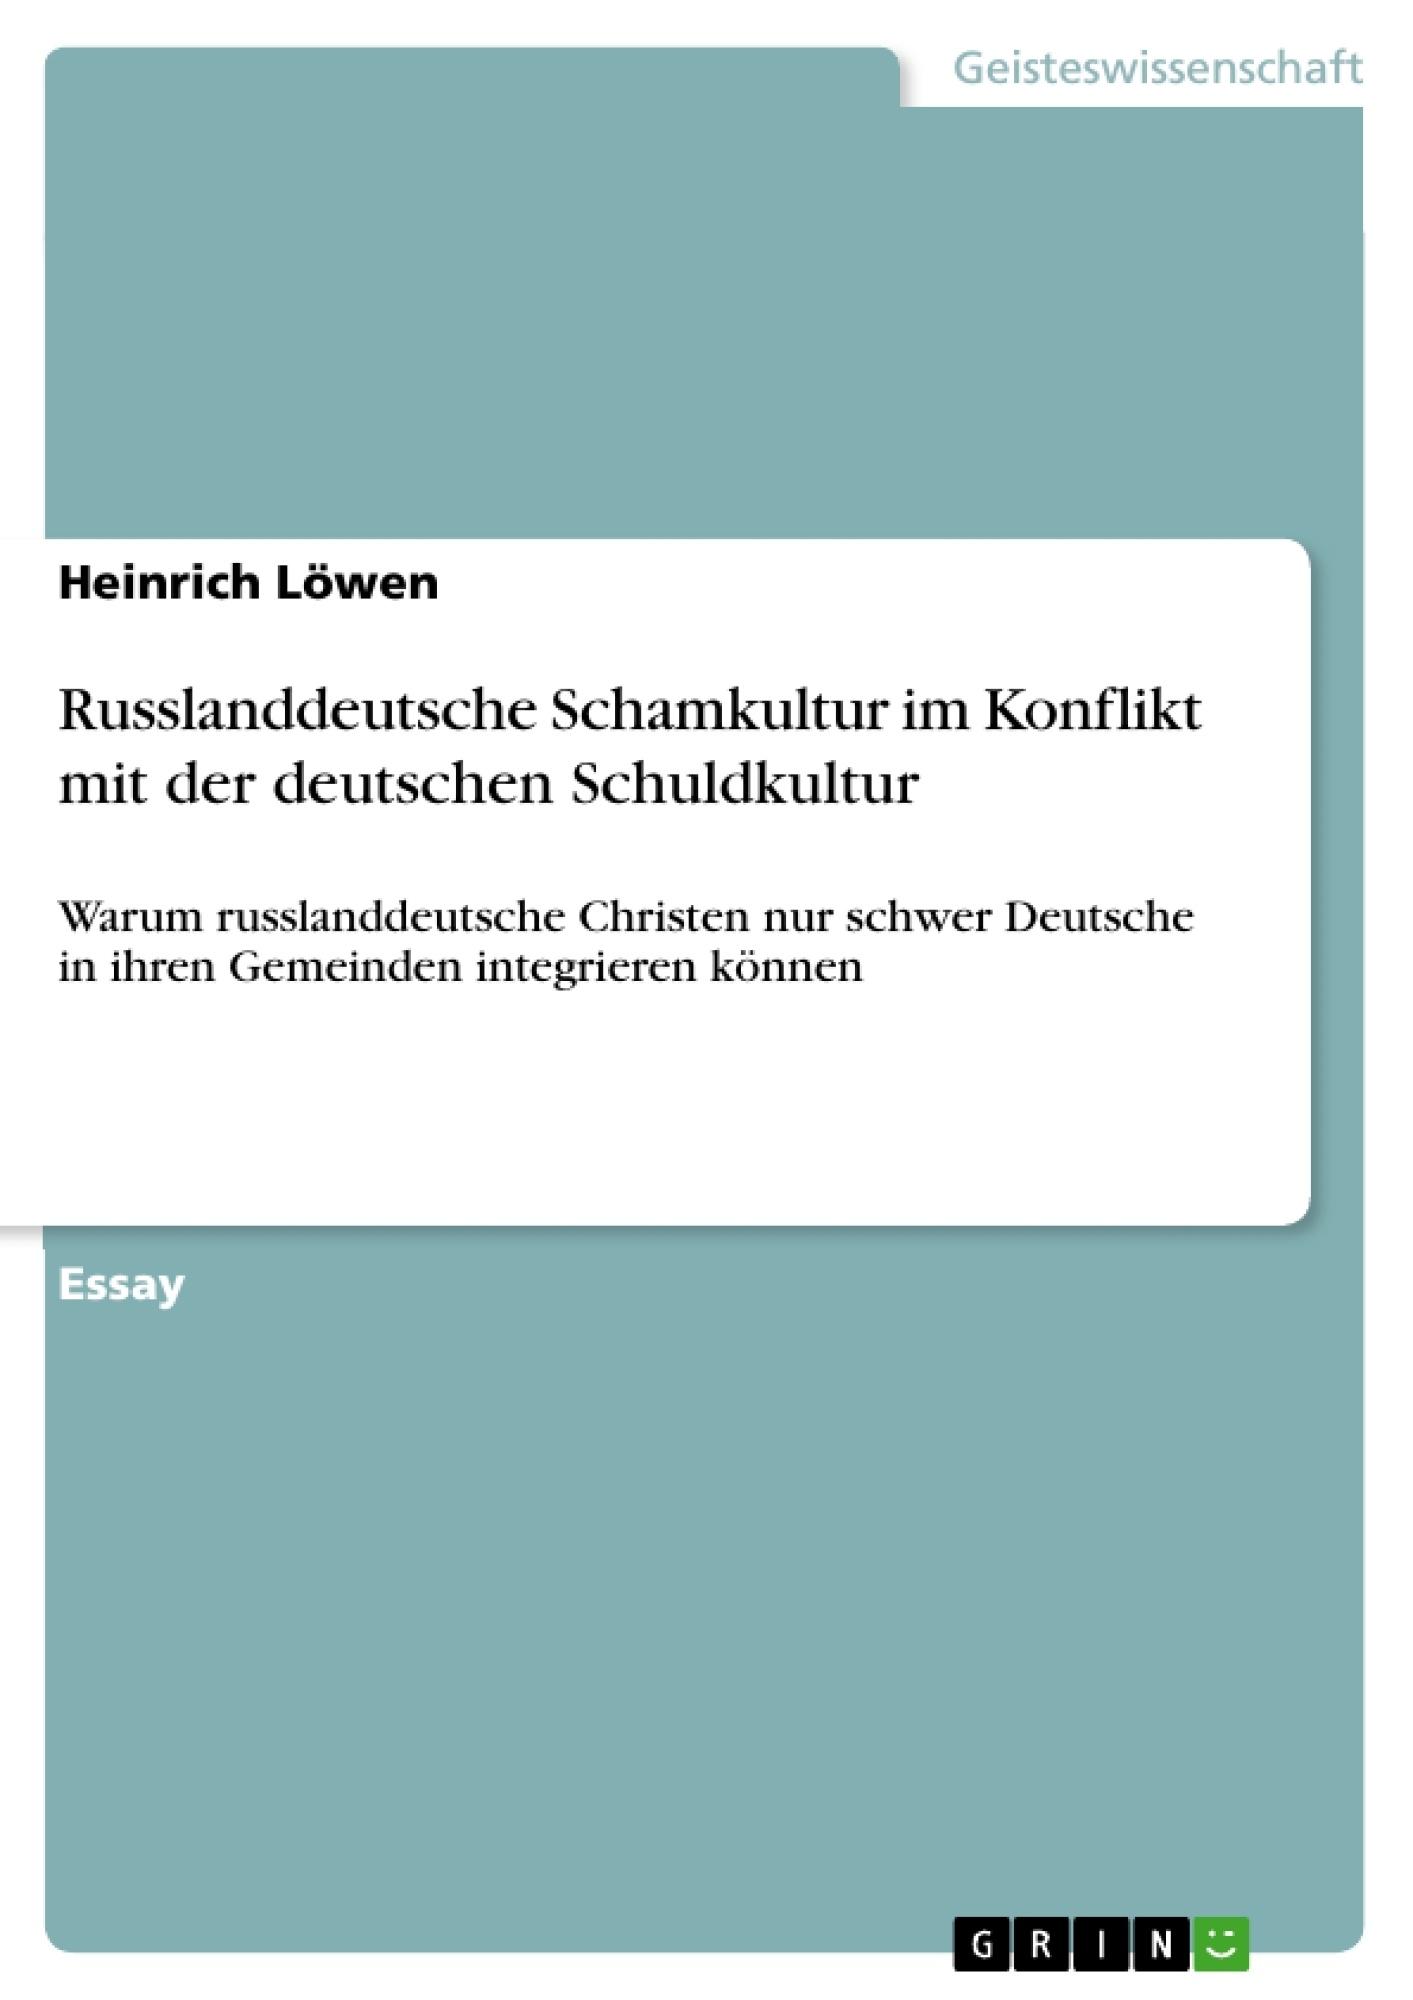 Titel: Russlanddeutsche Schamkultur im Konflikt mit der deutschen Schuldkultur